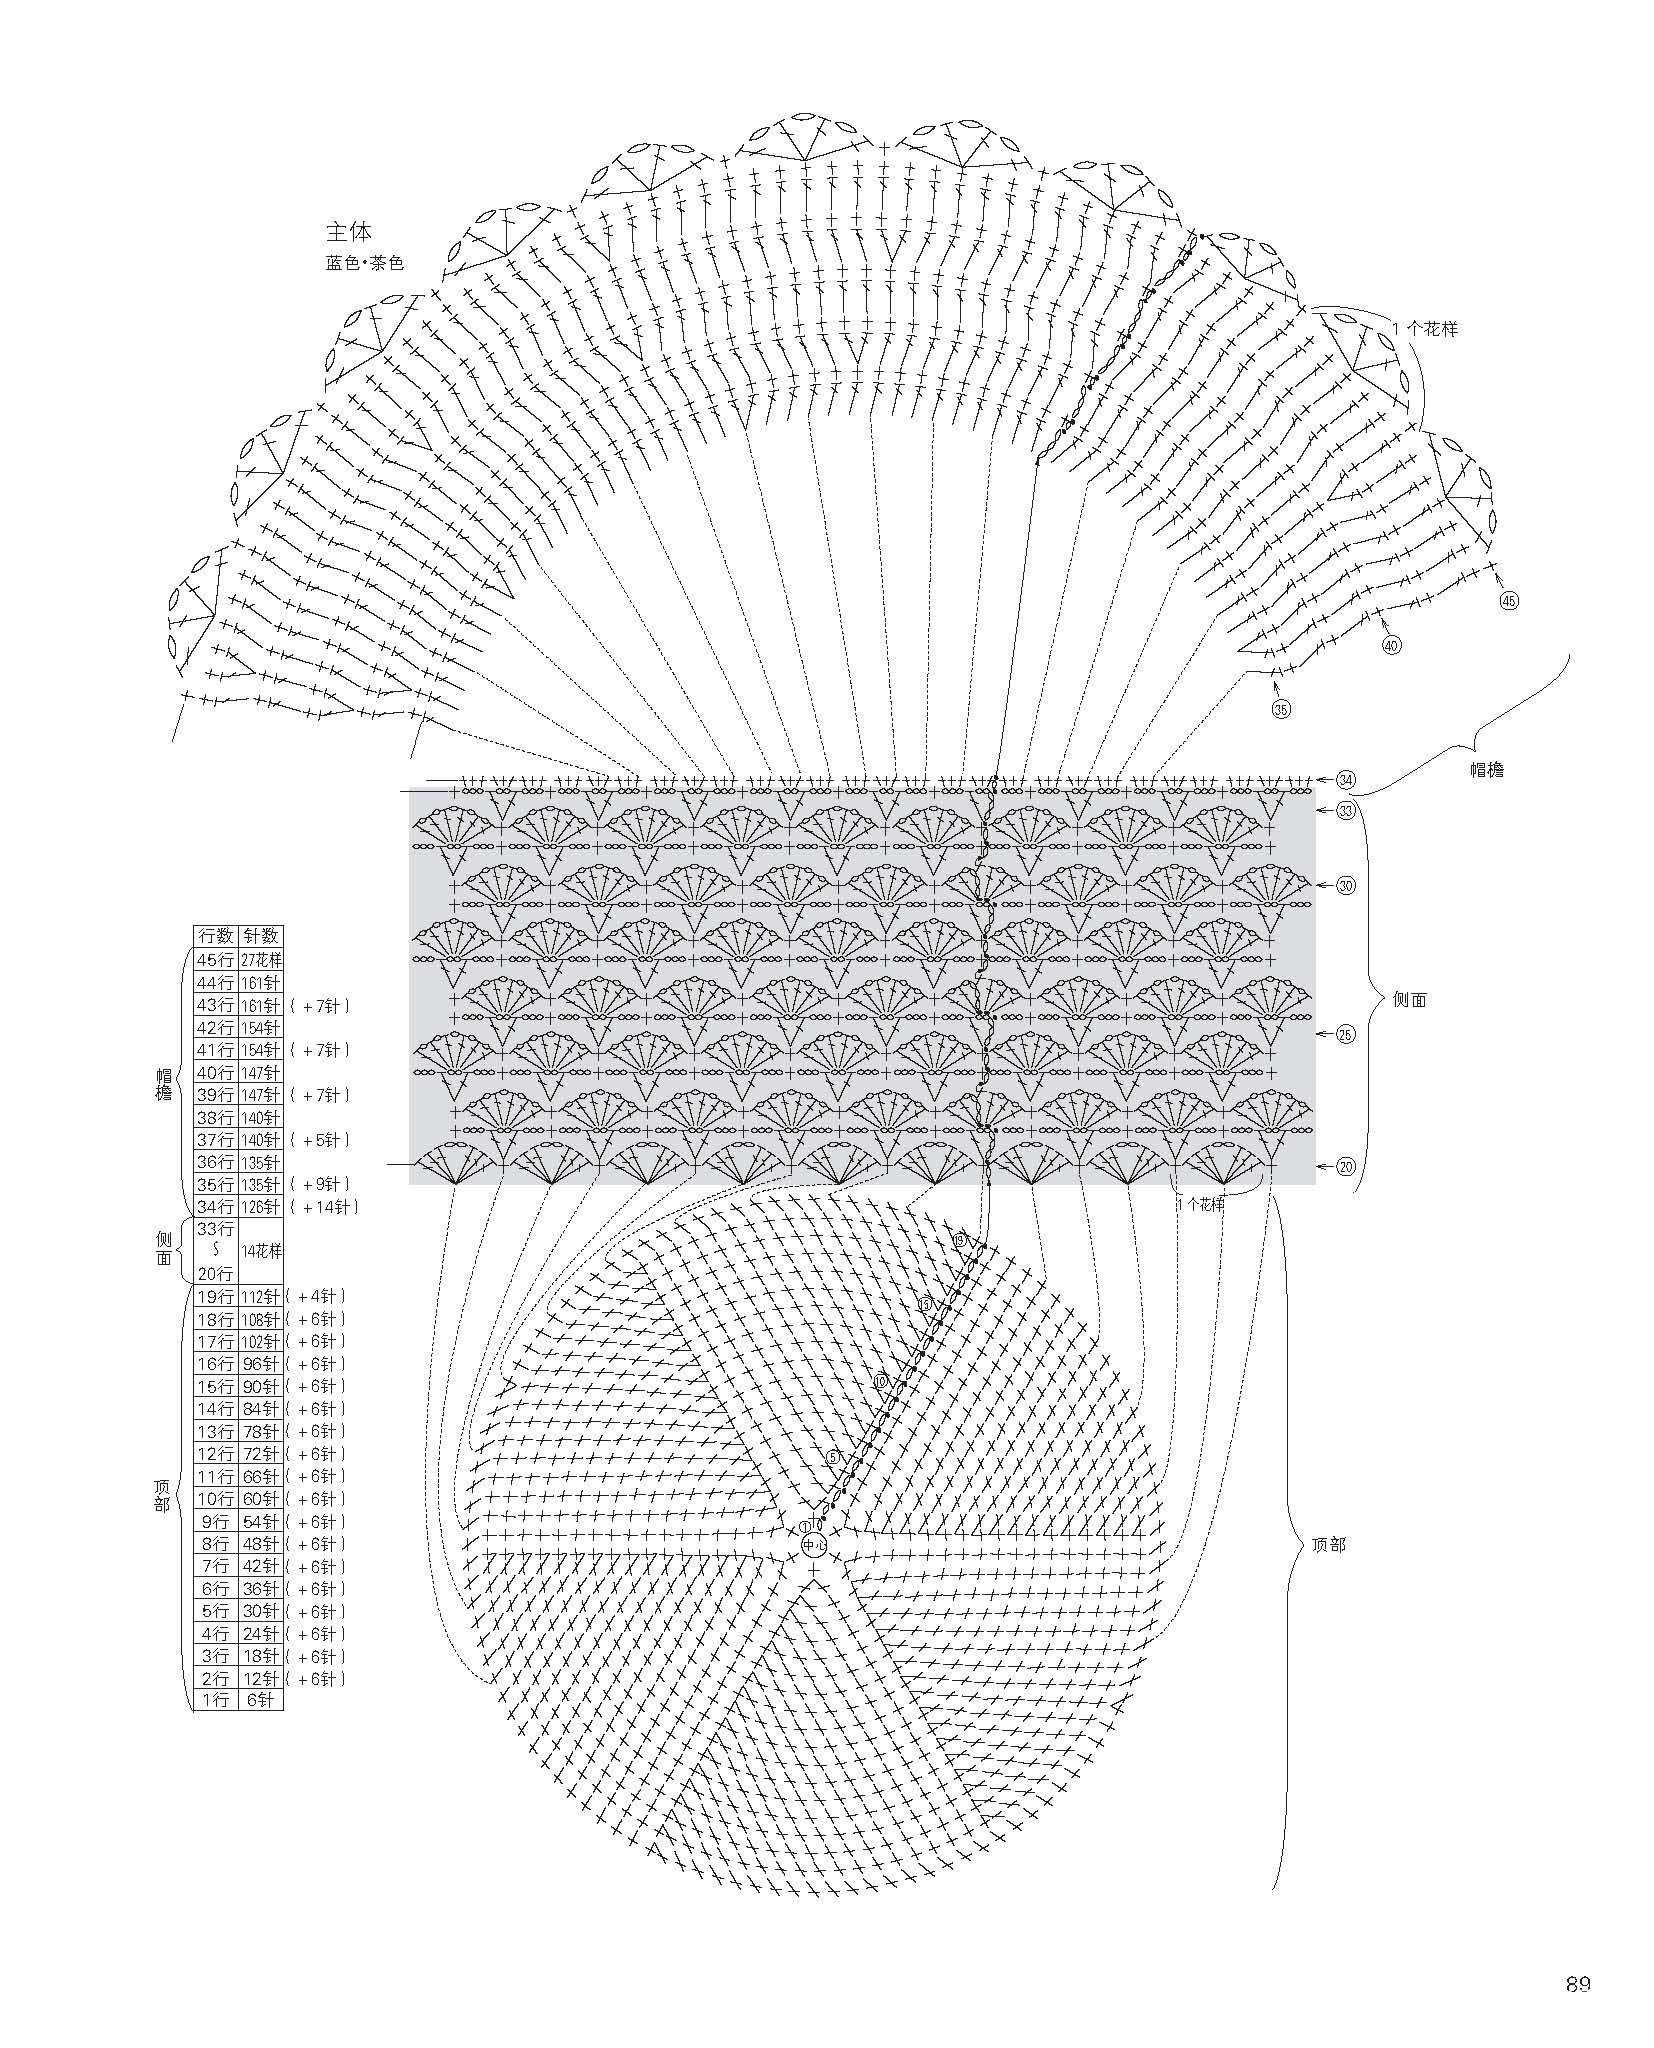 轻松跟我学钩针编织小物-清晰版_页面_089.jpg